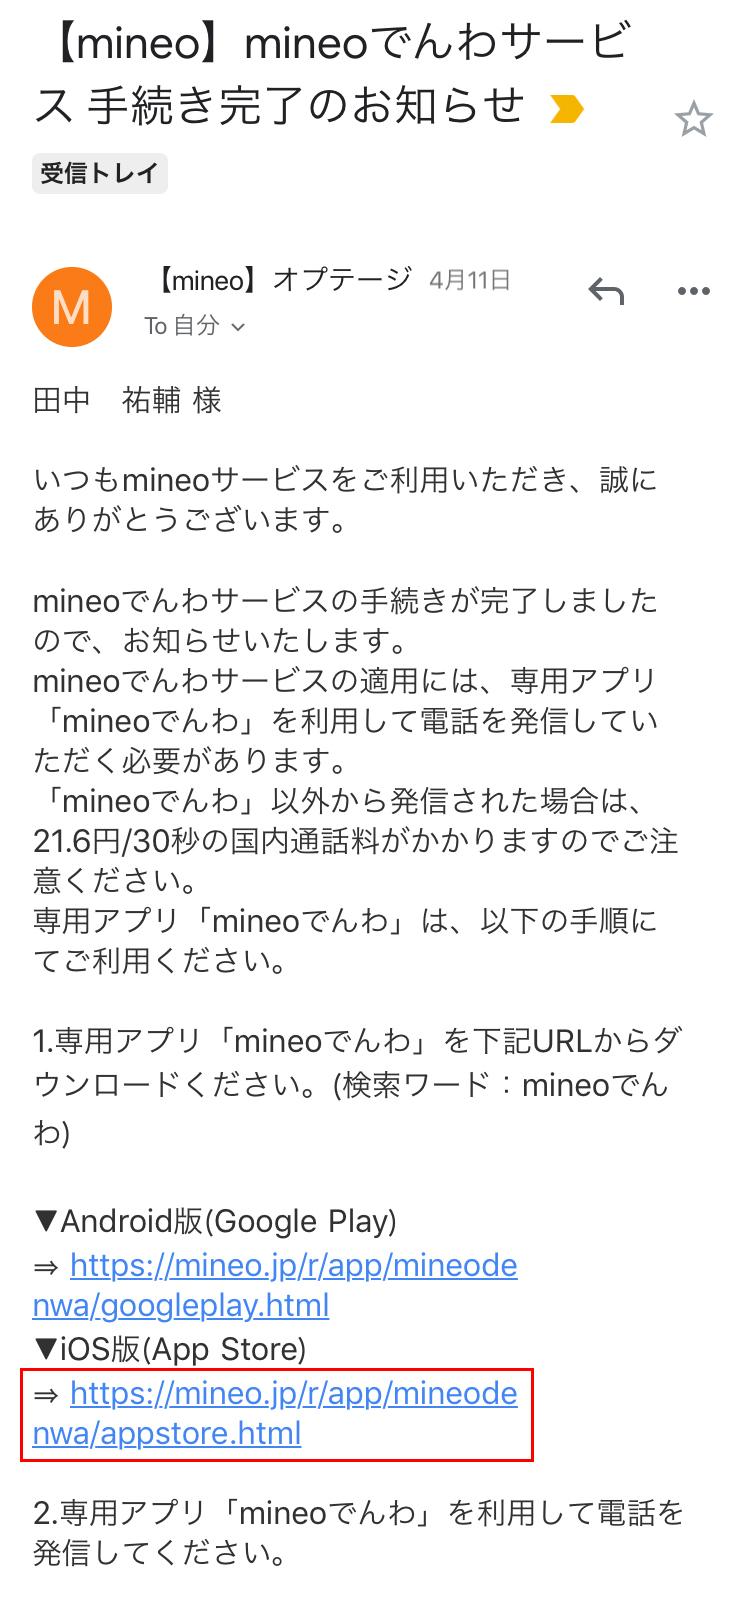 スマホに届いた「【mineo】mineoでんわサービス 手続き完了のお知らせ」メールに記載されているURLをタップ